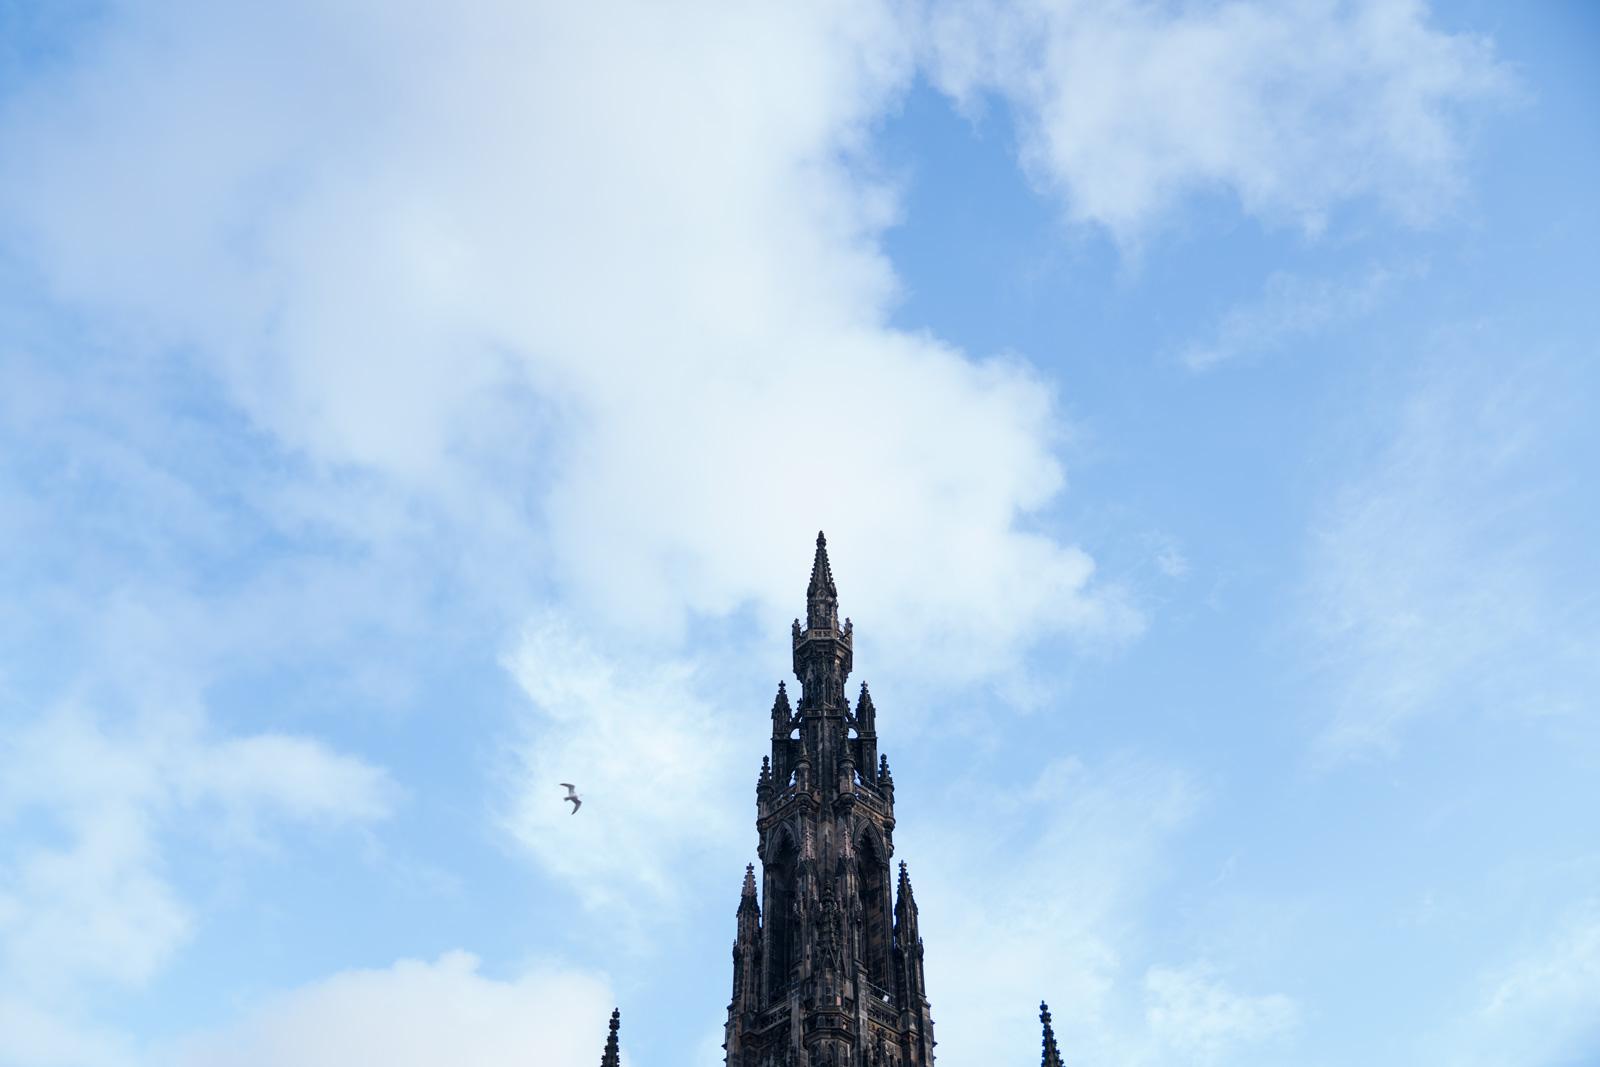 Scott-Monument-Minimal-Archietecture.jpg